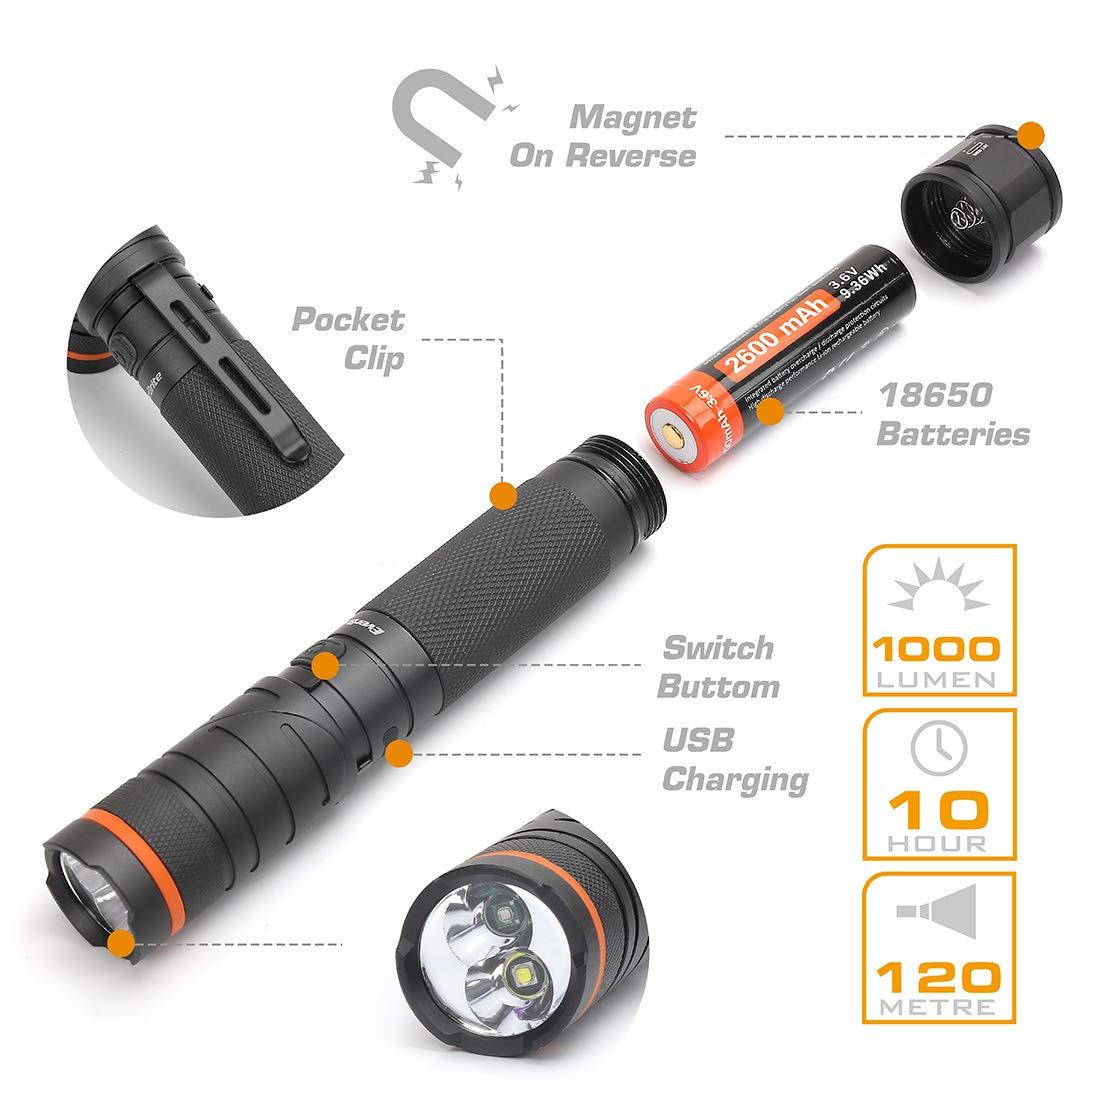 EverBrite LED Taschenlampe Wasserdicht IP65 UV Licht 90 ° drehbares Kopf und USB-Ladefunktion mit Magnet und Taschenclip LTD